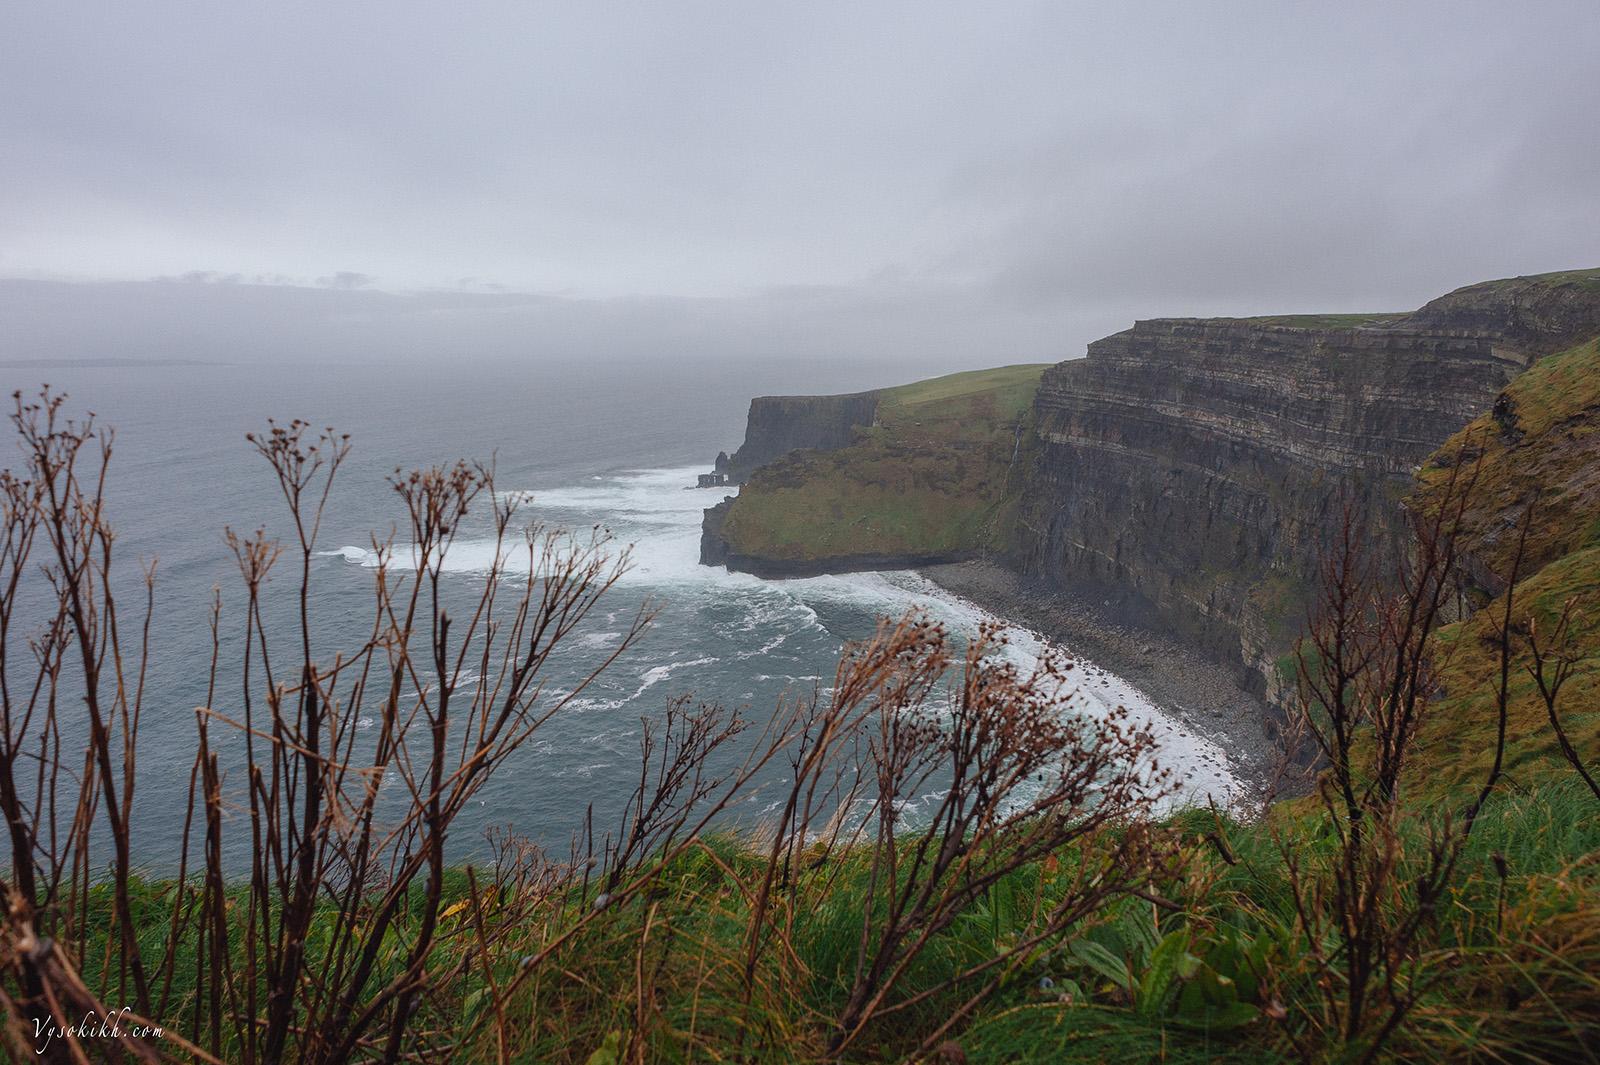 Cliffs of Moher - пожалуй, самая посещаемая достопримечательность Ирландии.